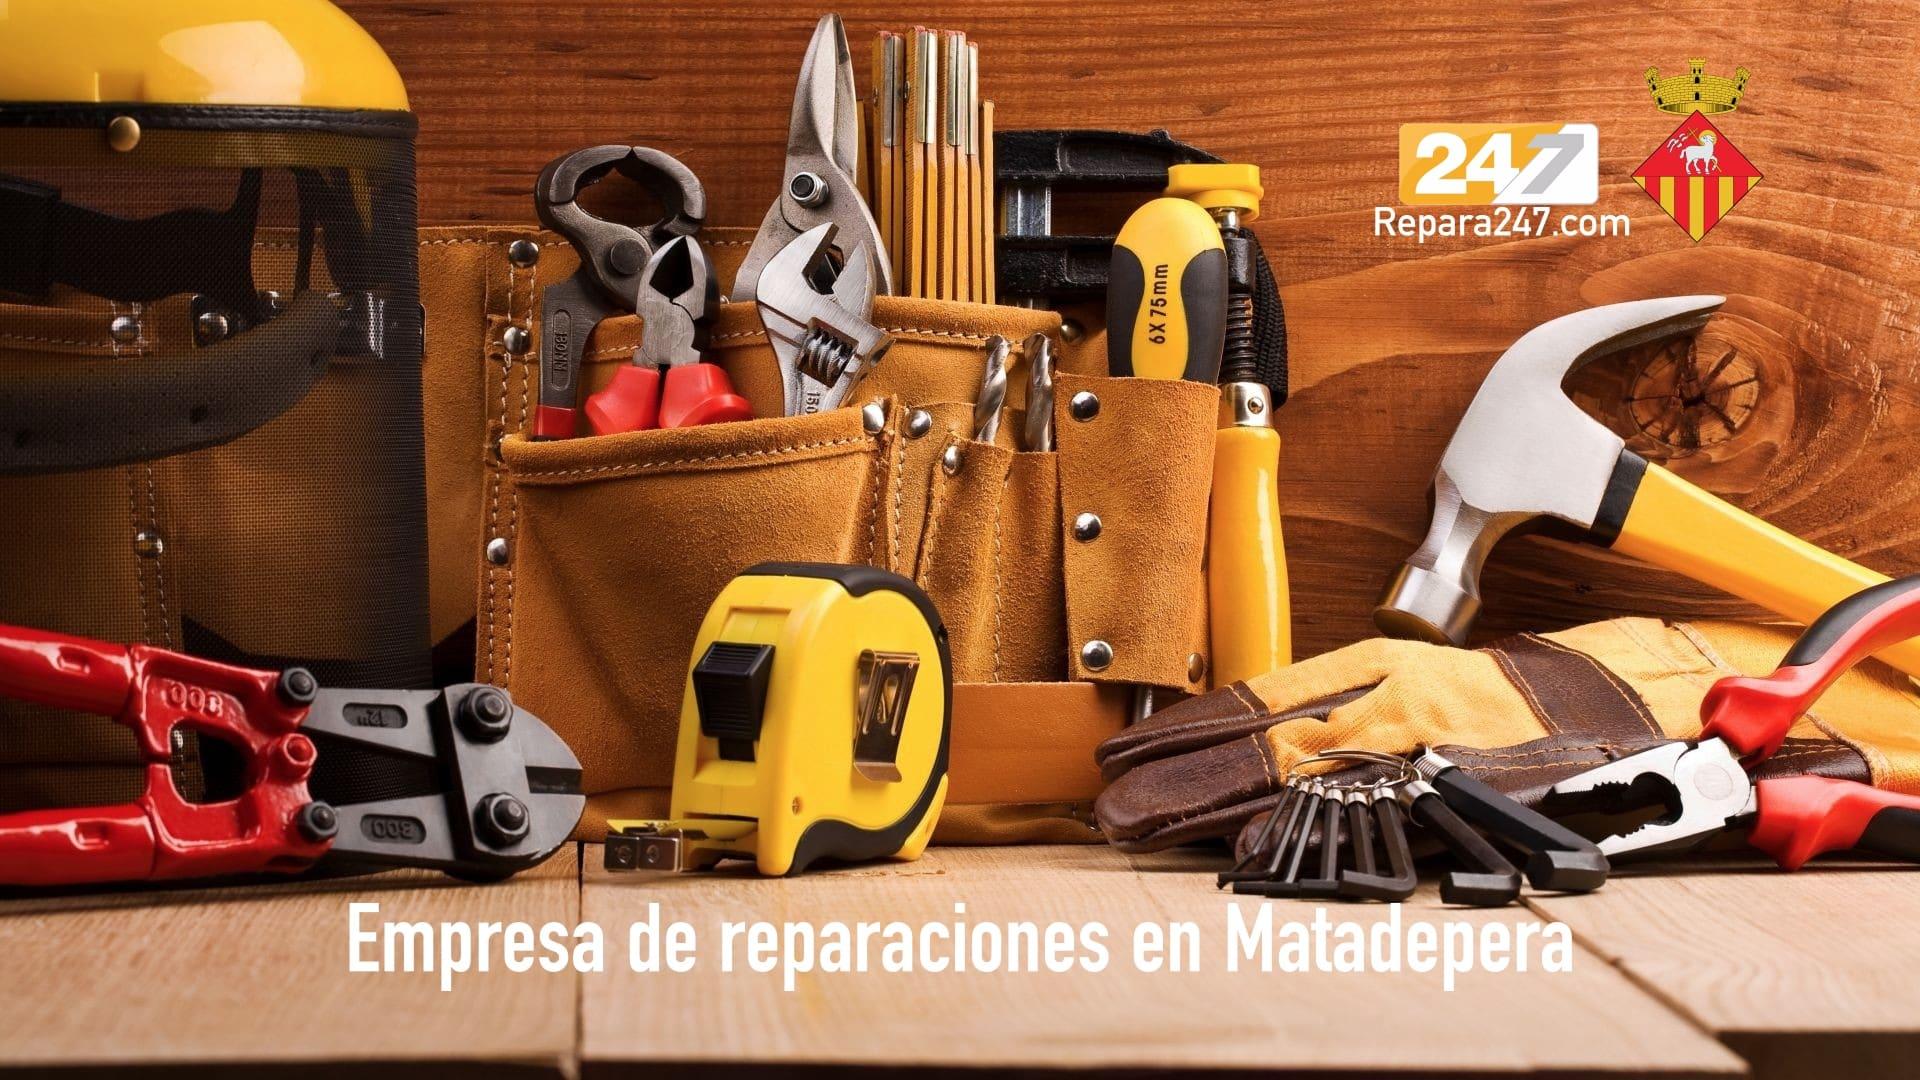 Empresa de reparaciones en Matadepera